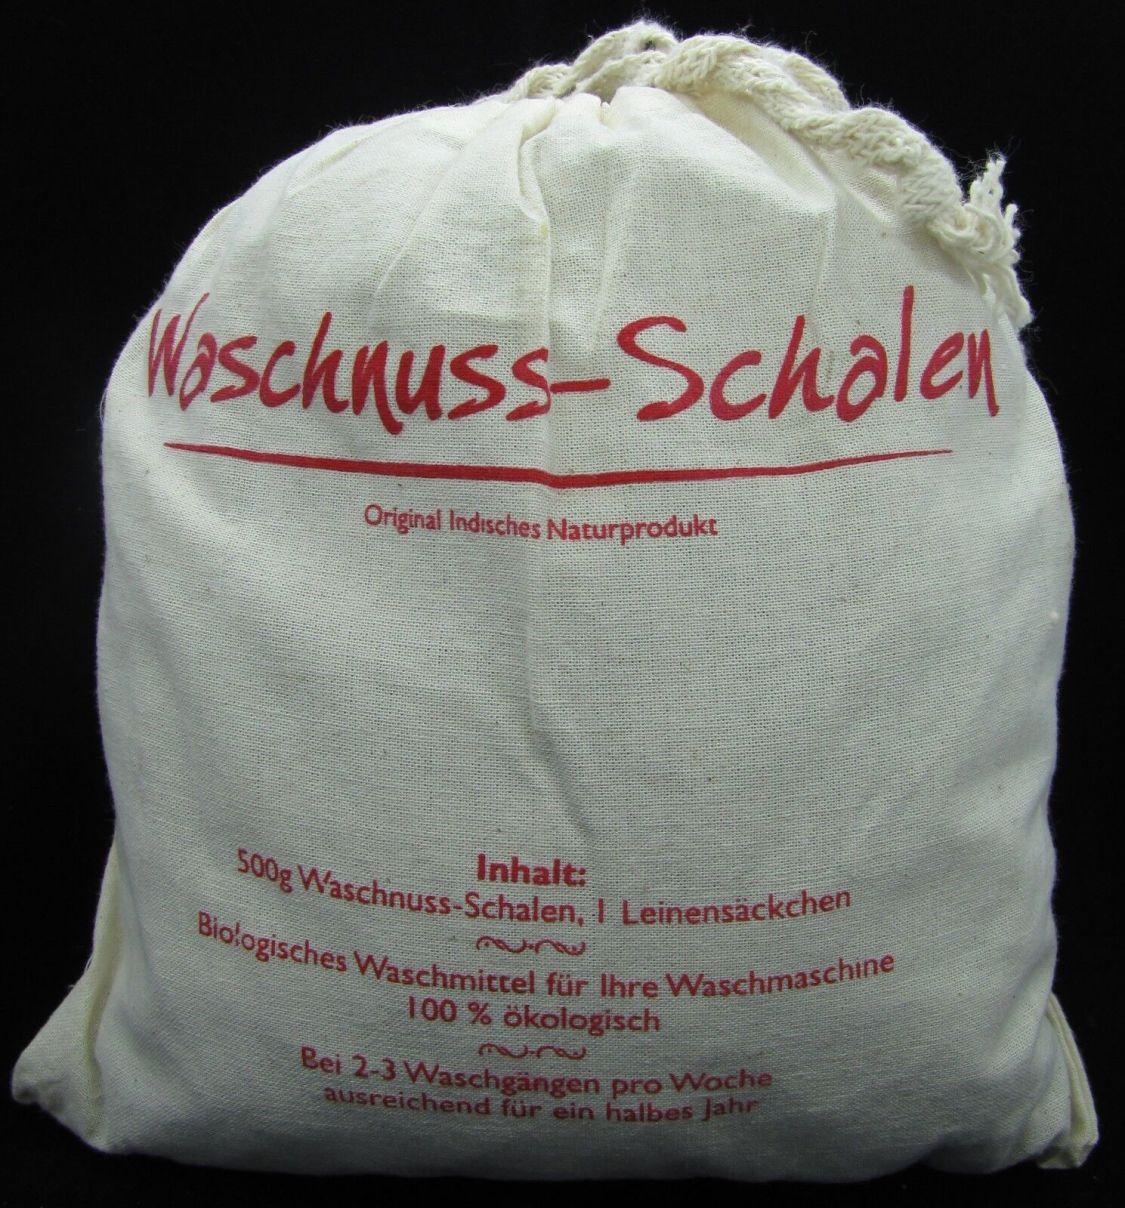 Indische Waschnüsse Waschnuss Schalen Bio Leinensäckchen gratis 500 g ökologisch